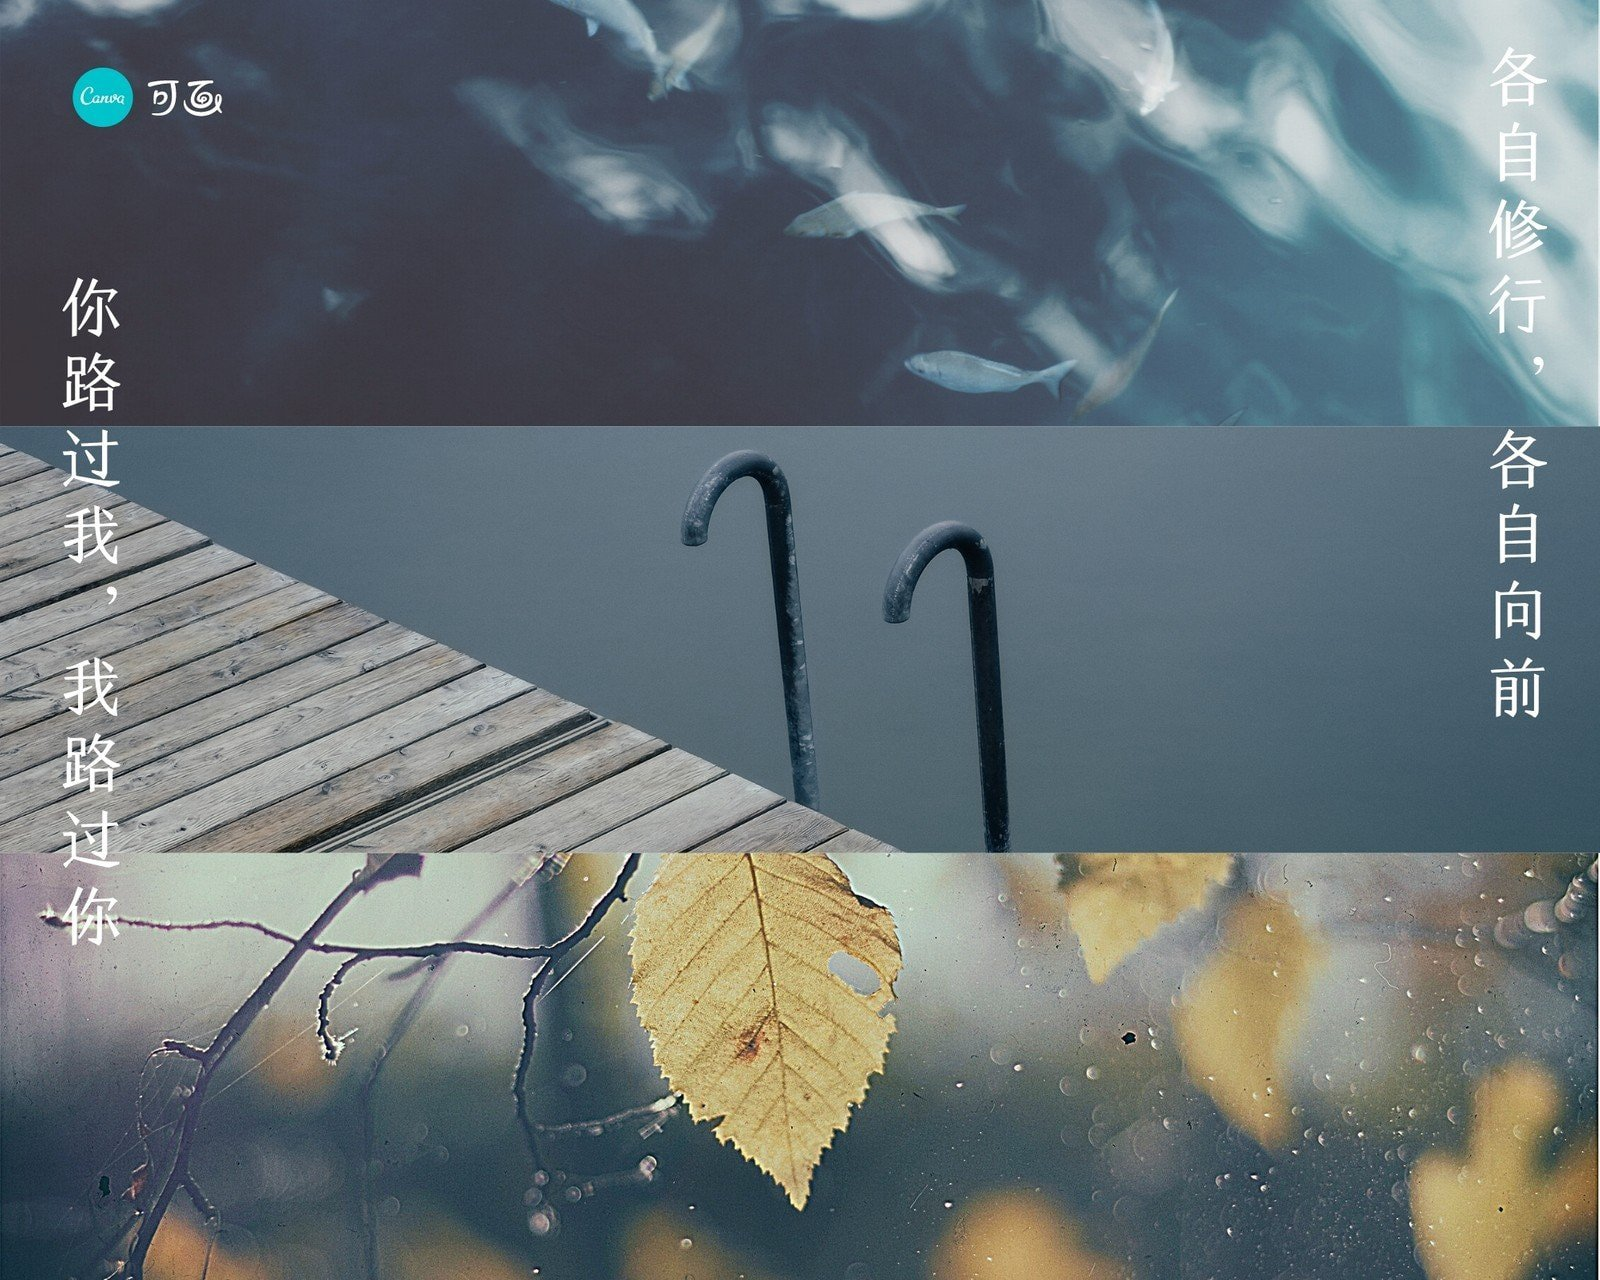 蓝色海水、叶子、风景照片分享拼图